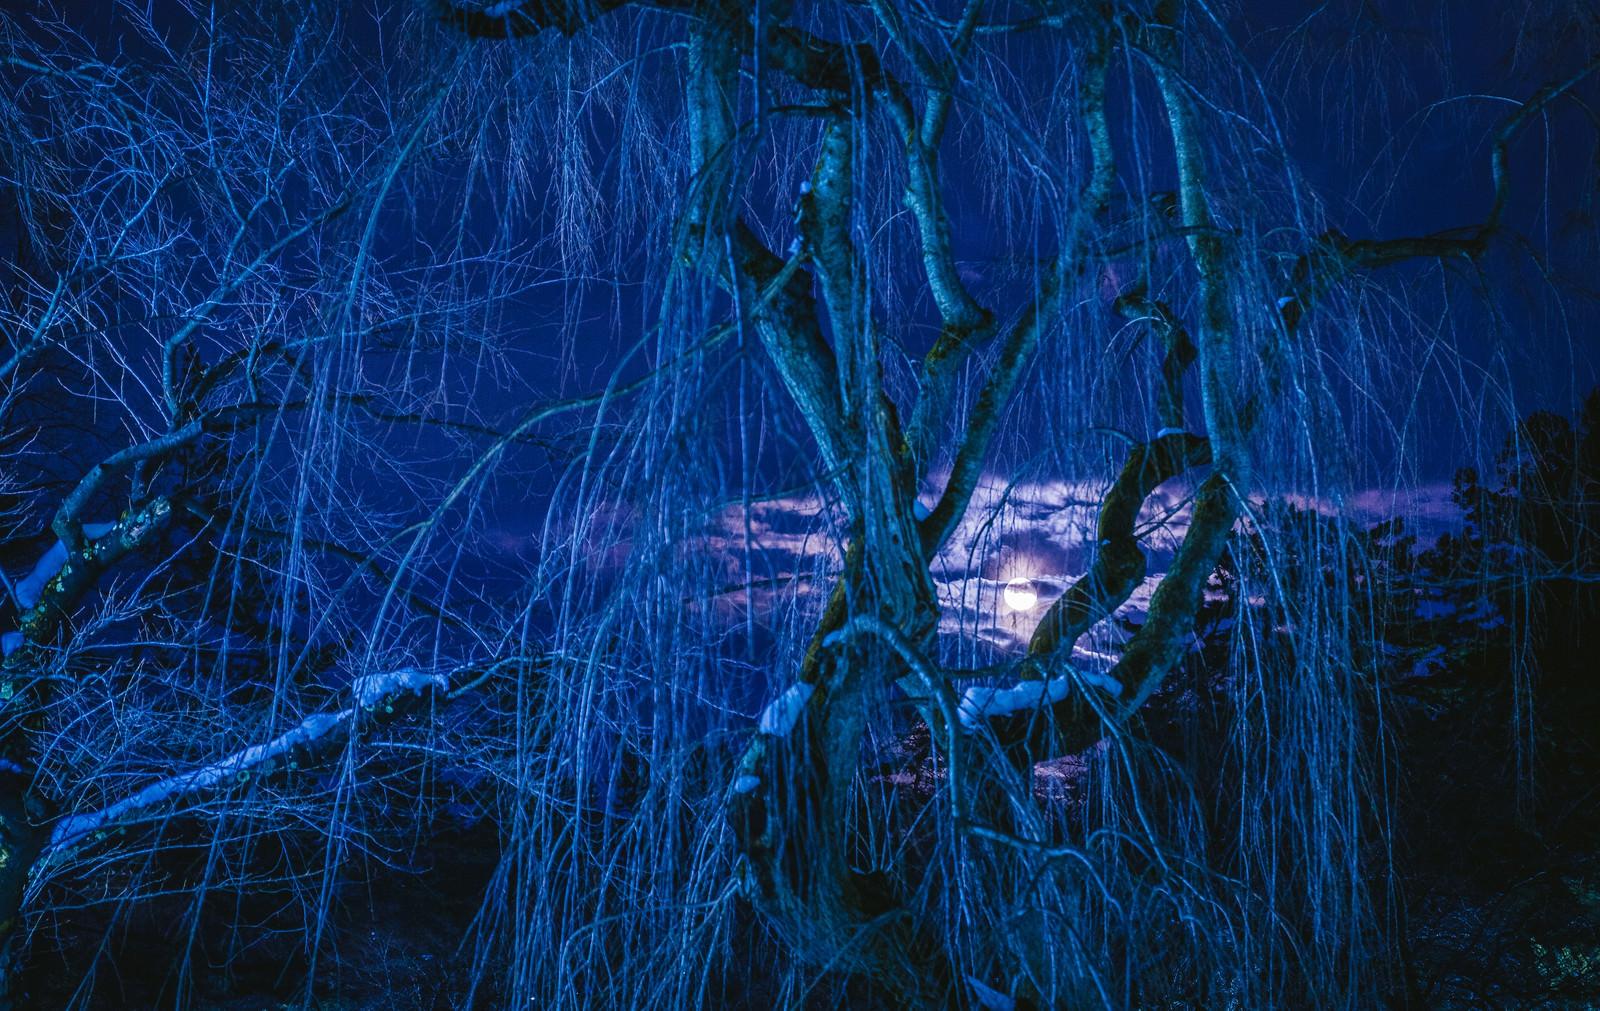 「冬の枝垂れ桜と満月の夜 | 写真の無料素材・フリー素材 - ぱくたそ」の写真